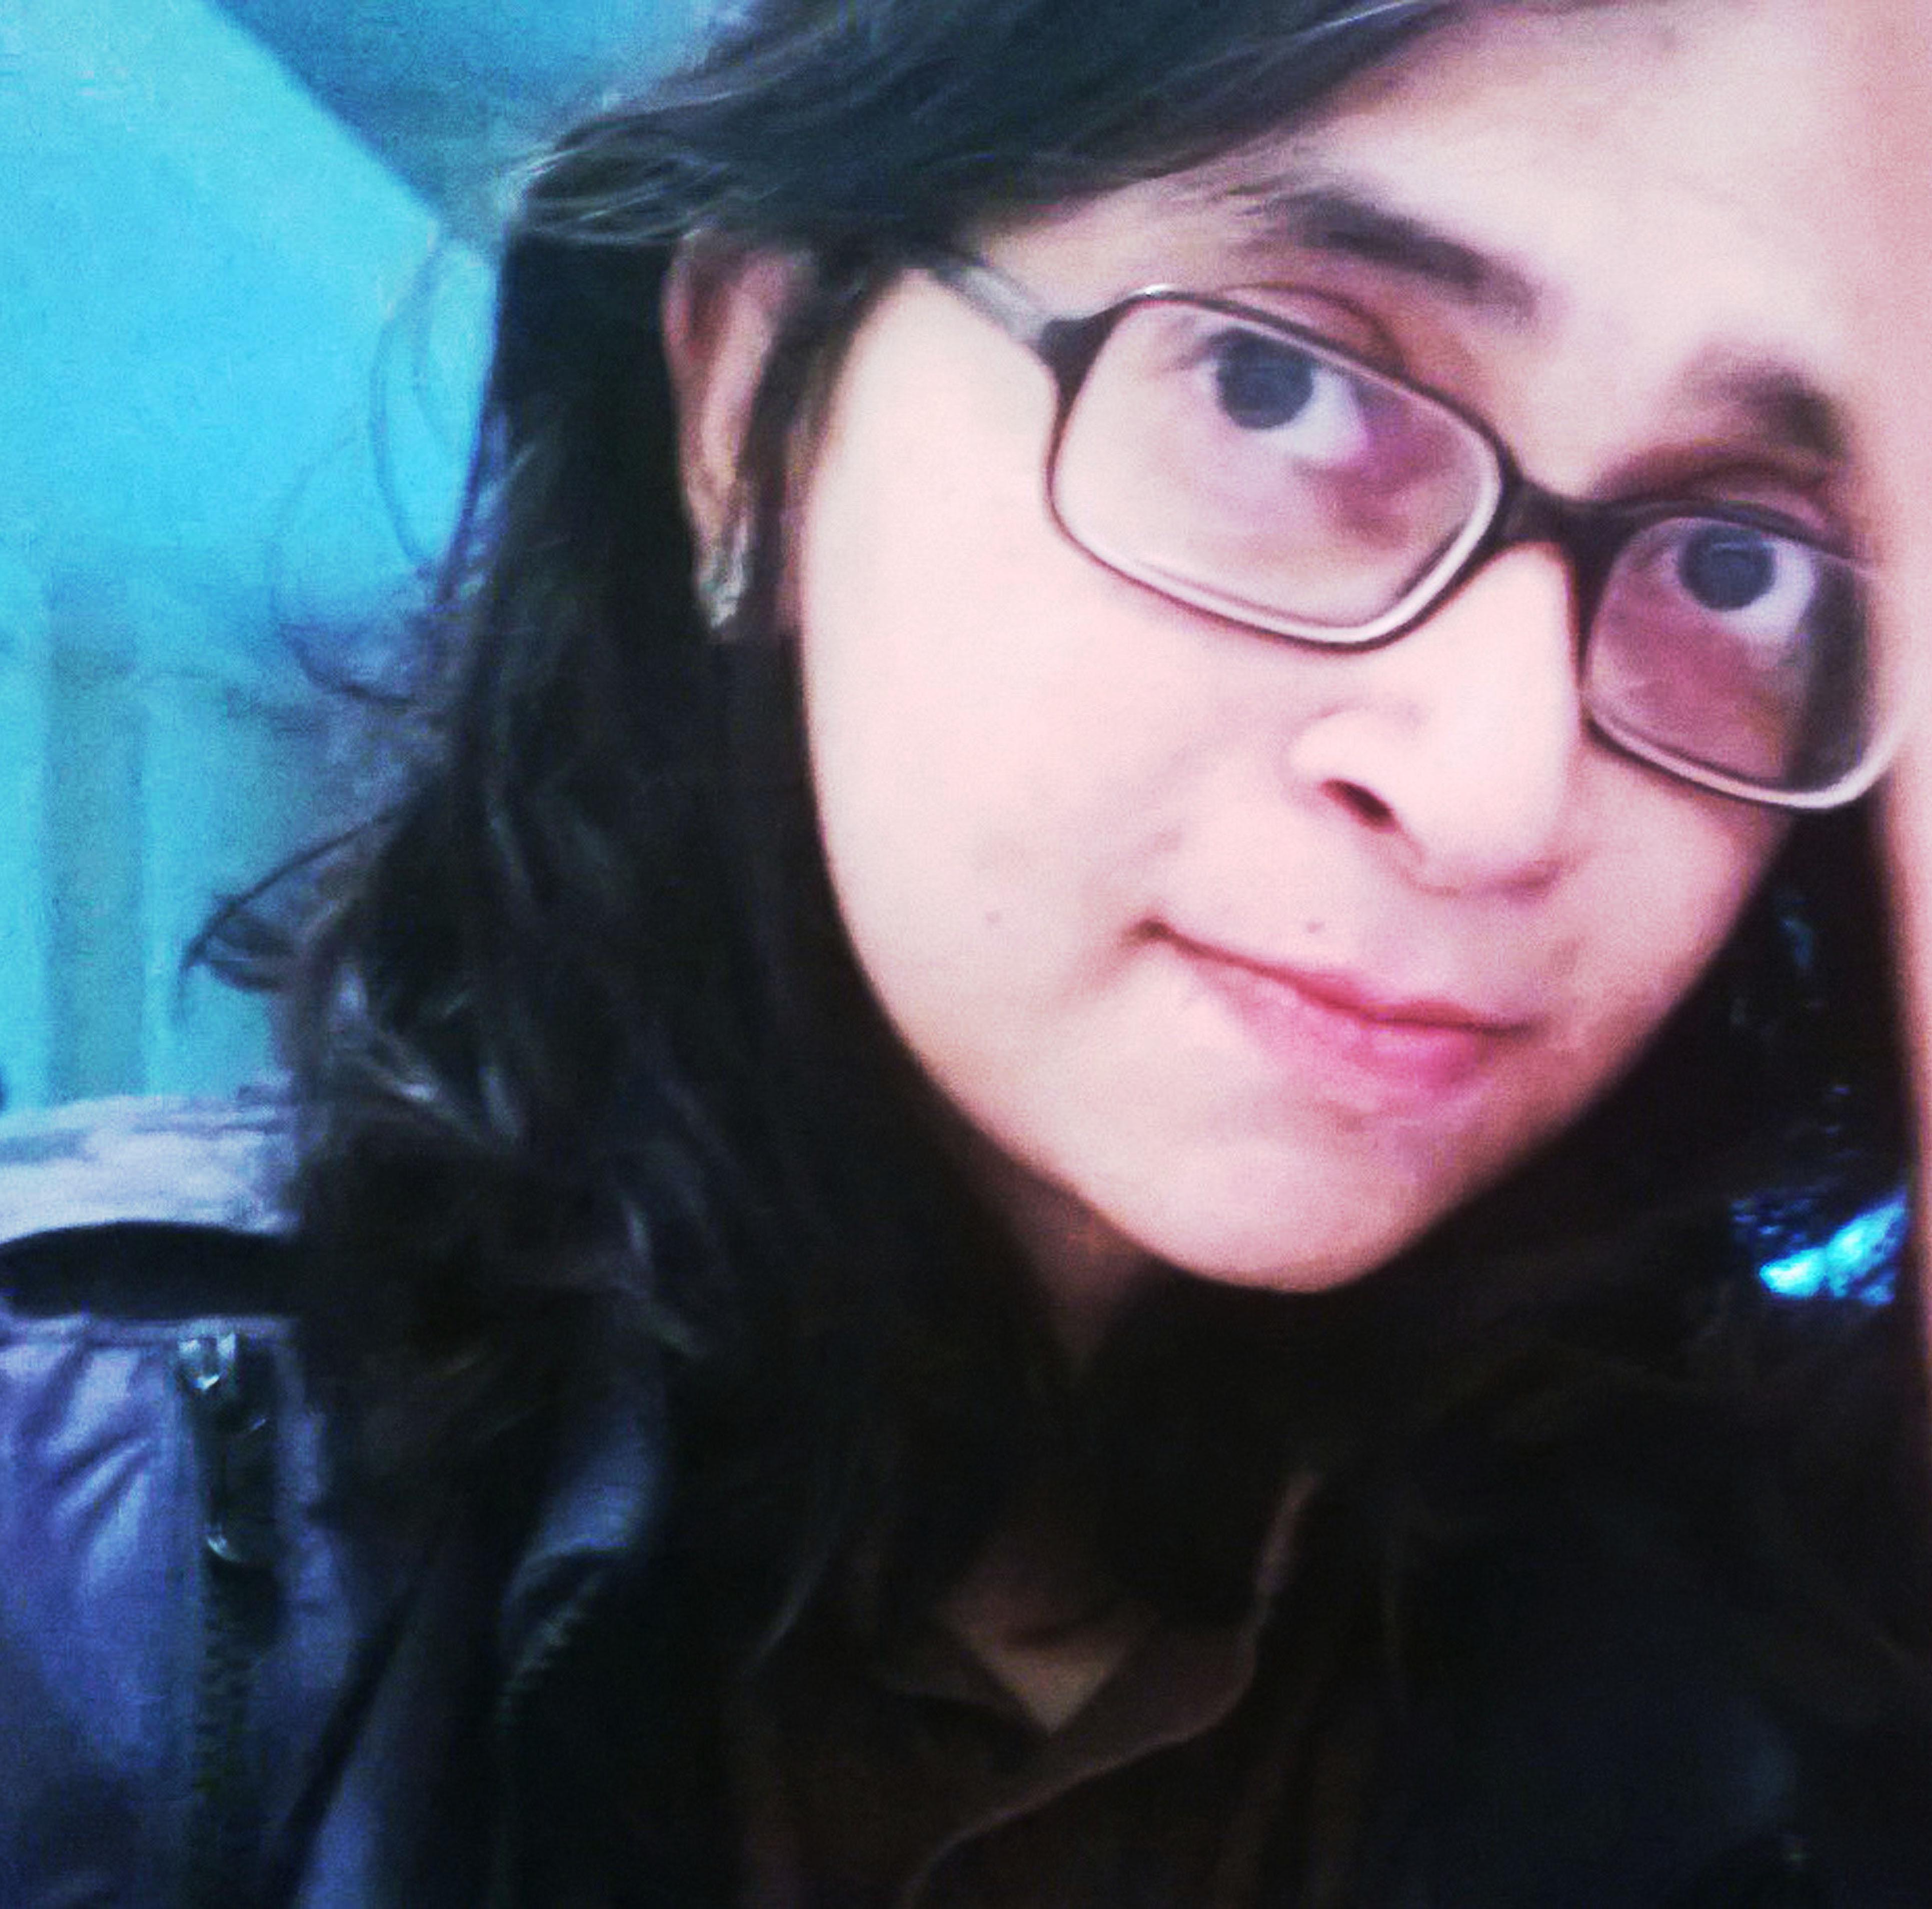 Image of Ajita Suchitra Veera from Wikidata